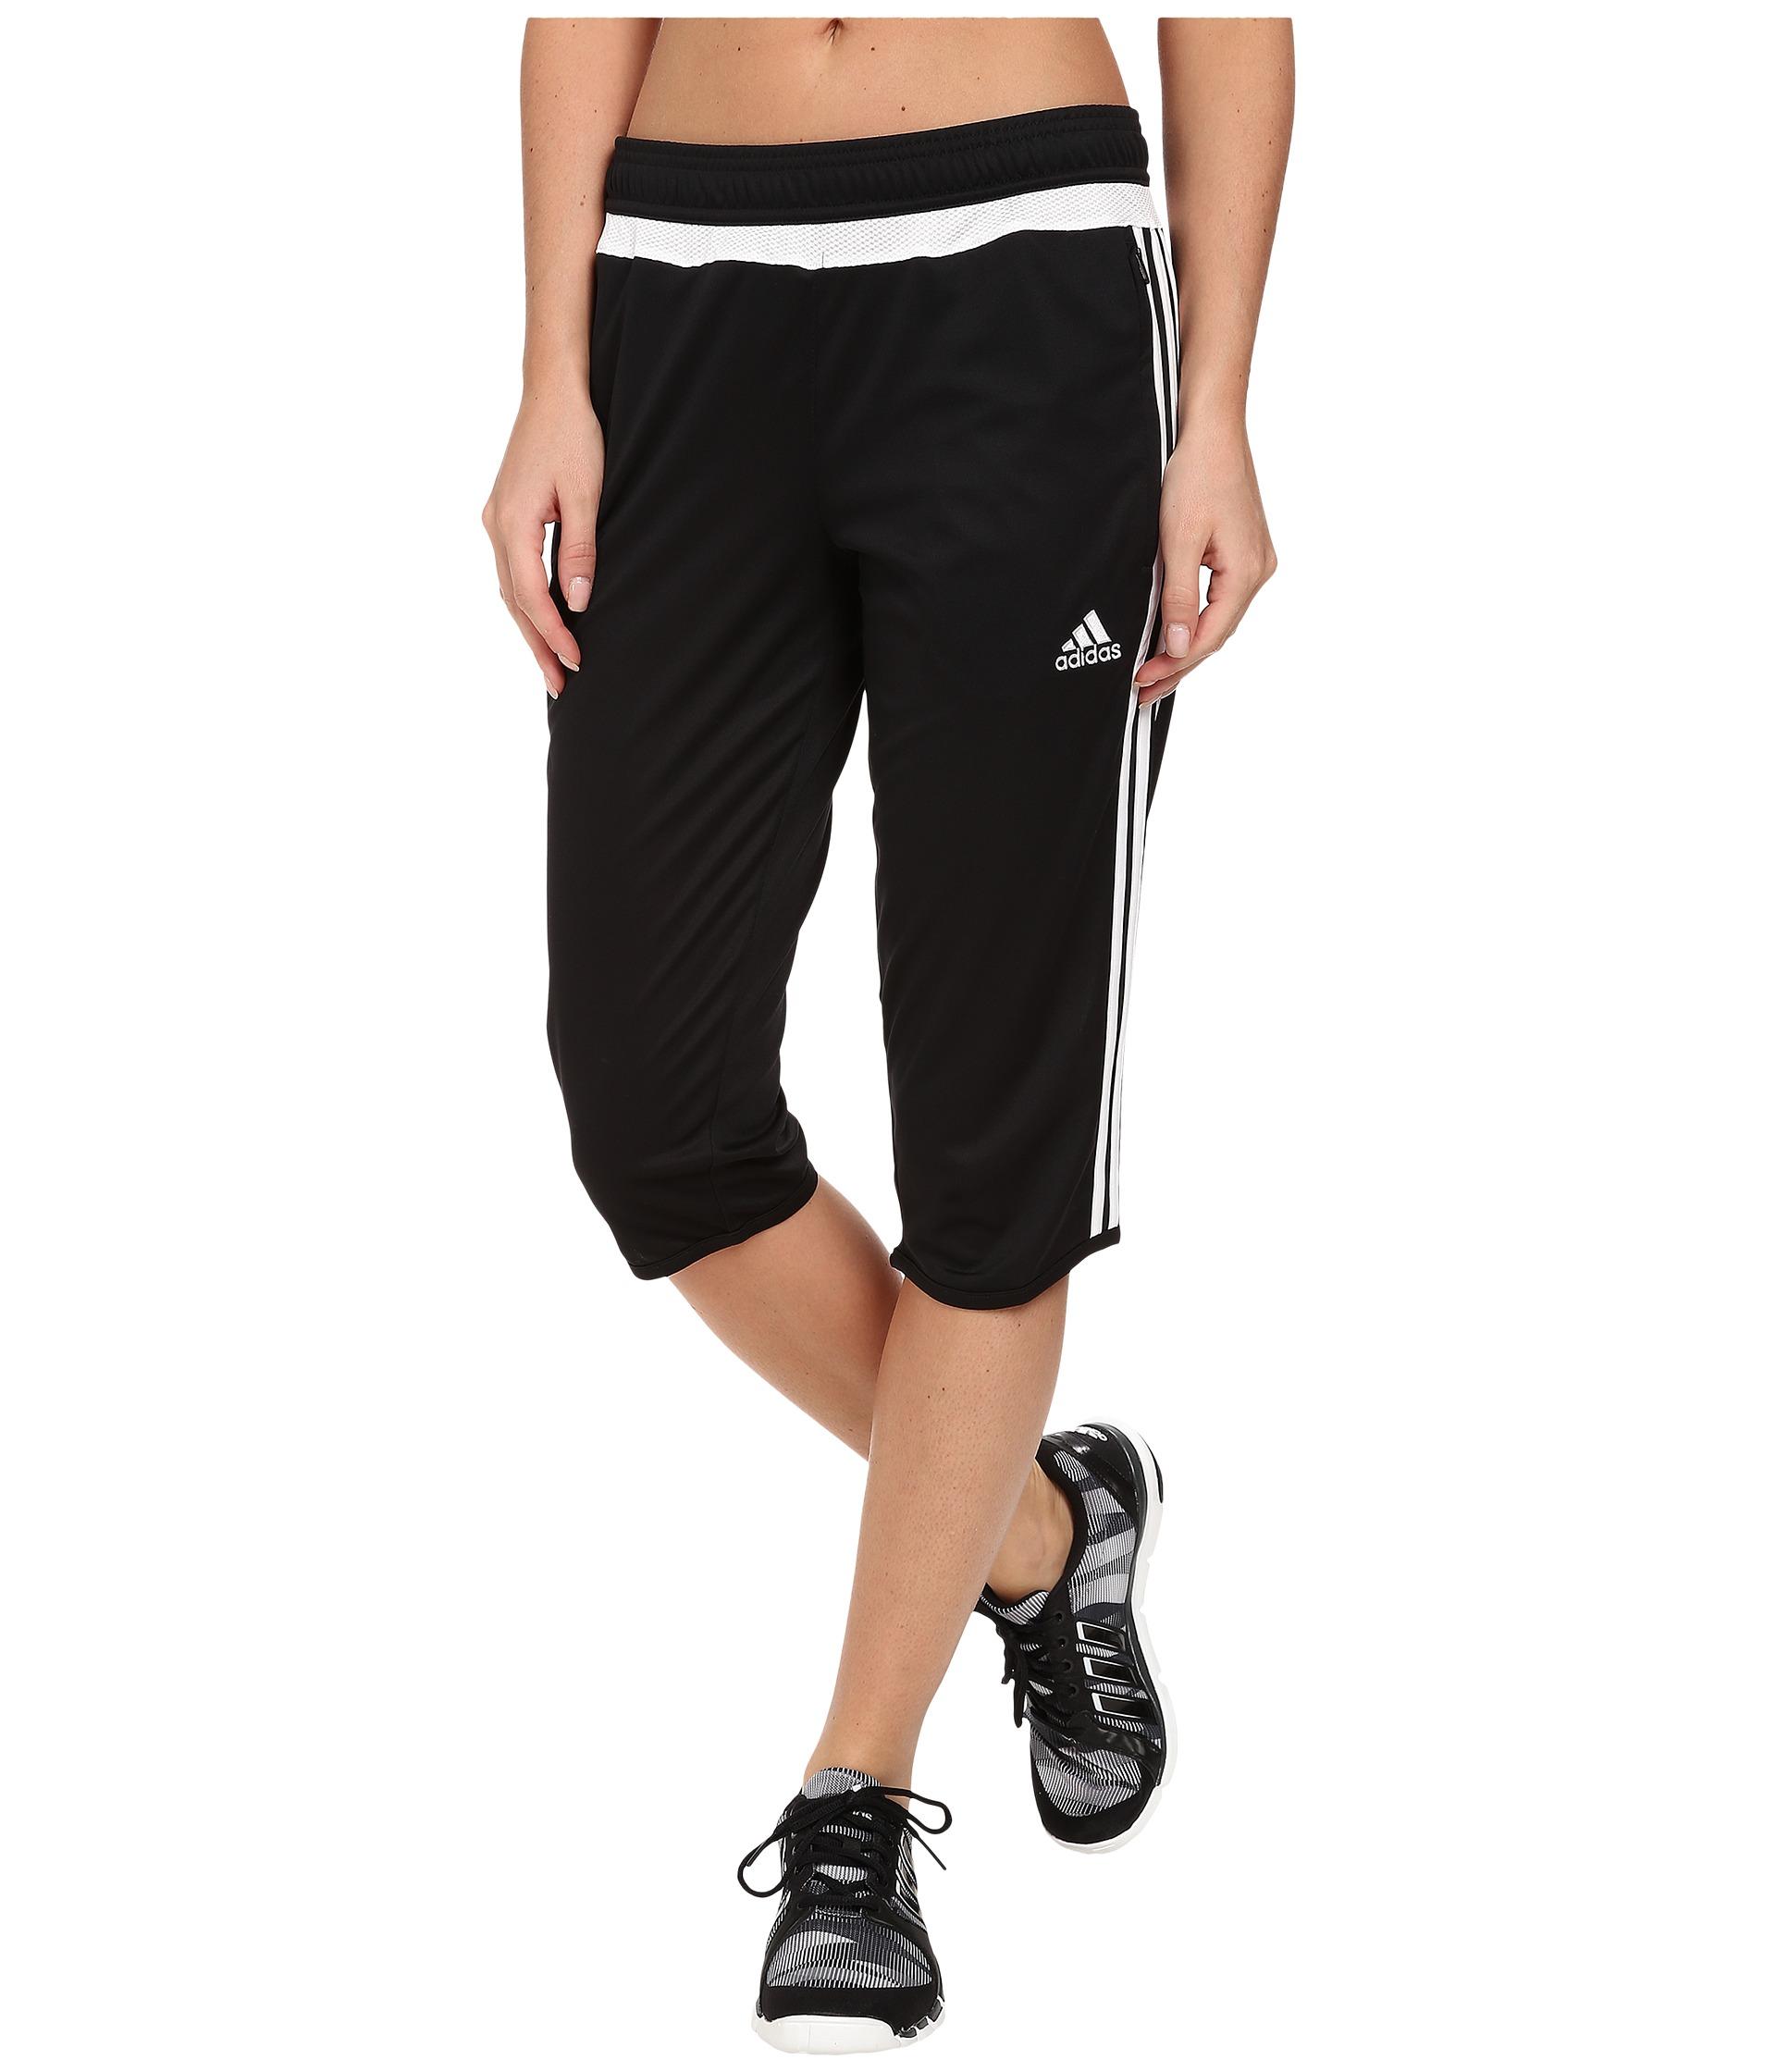 3 4 adidas shorts